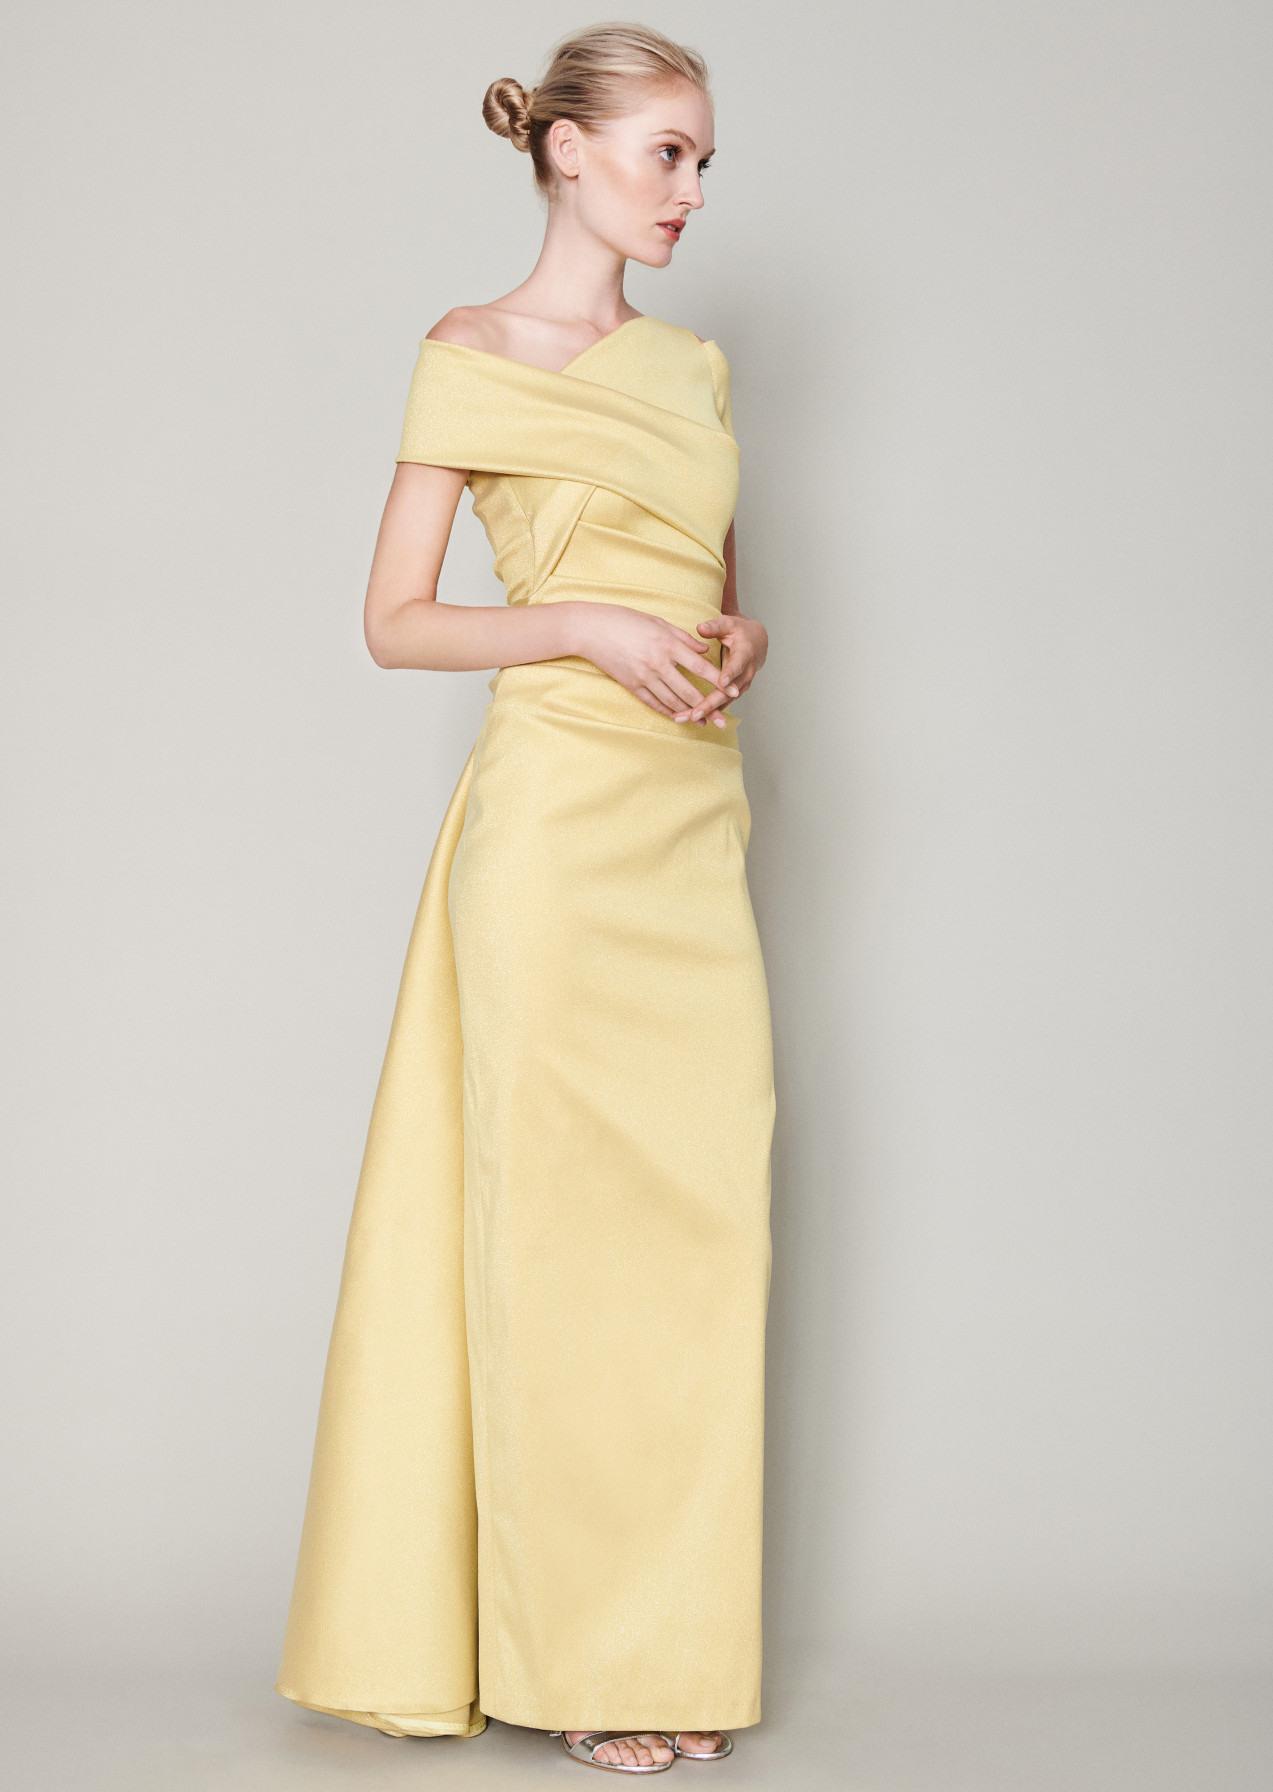 Designer Kreativ Abendkleid Besonders Bester Preis Luxurius Abendkleid Besonders Spezialgebiet